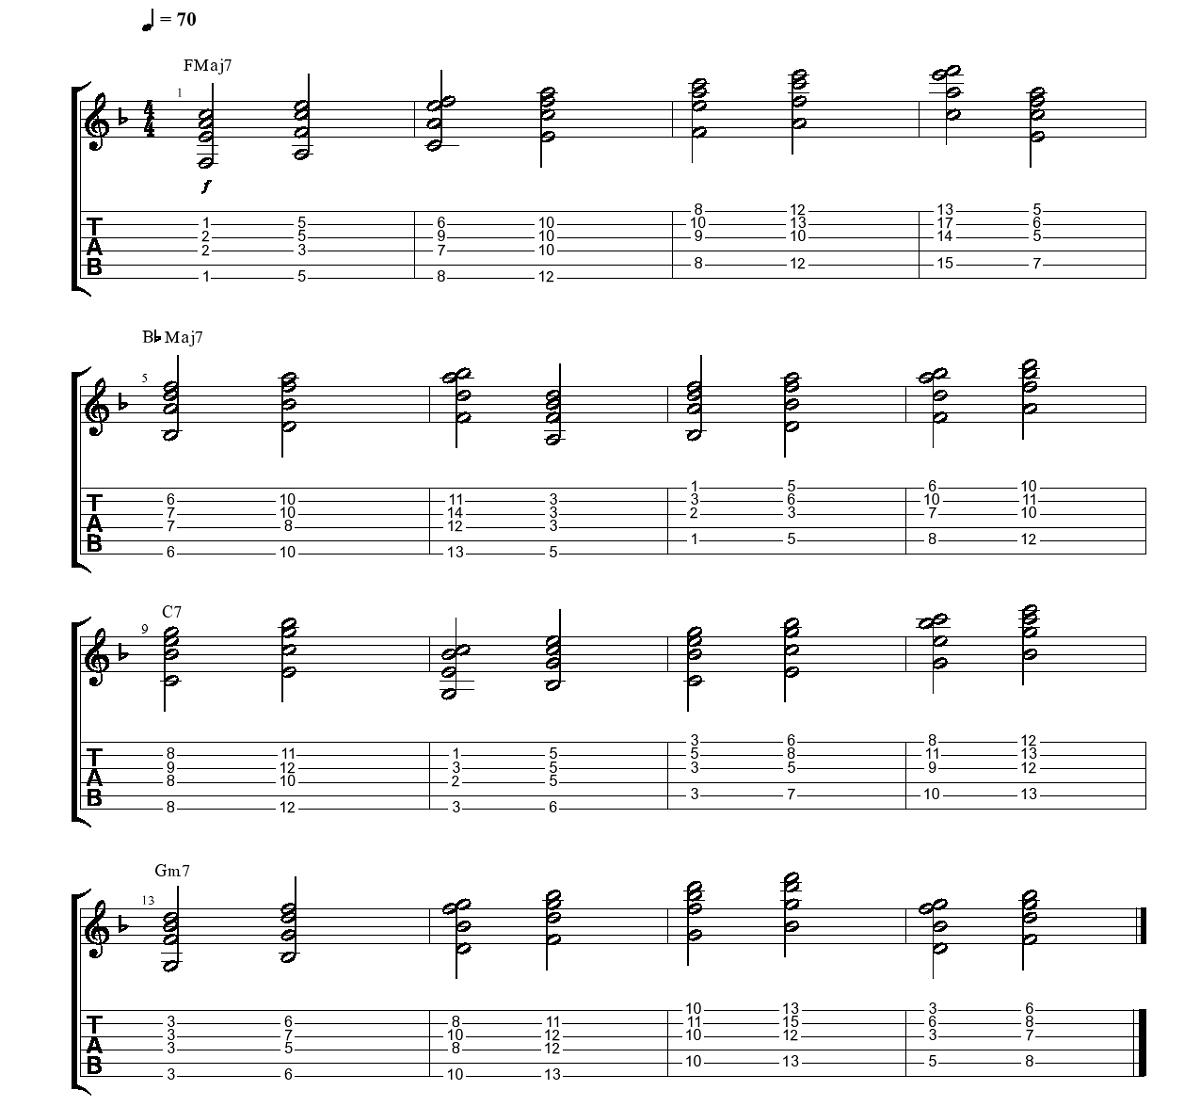 Ak, eglīte džeza nodarbības 2. daļa - akordu apvērsumi - www.gitarspele.lv